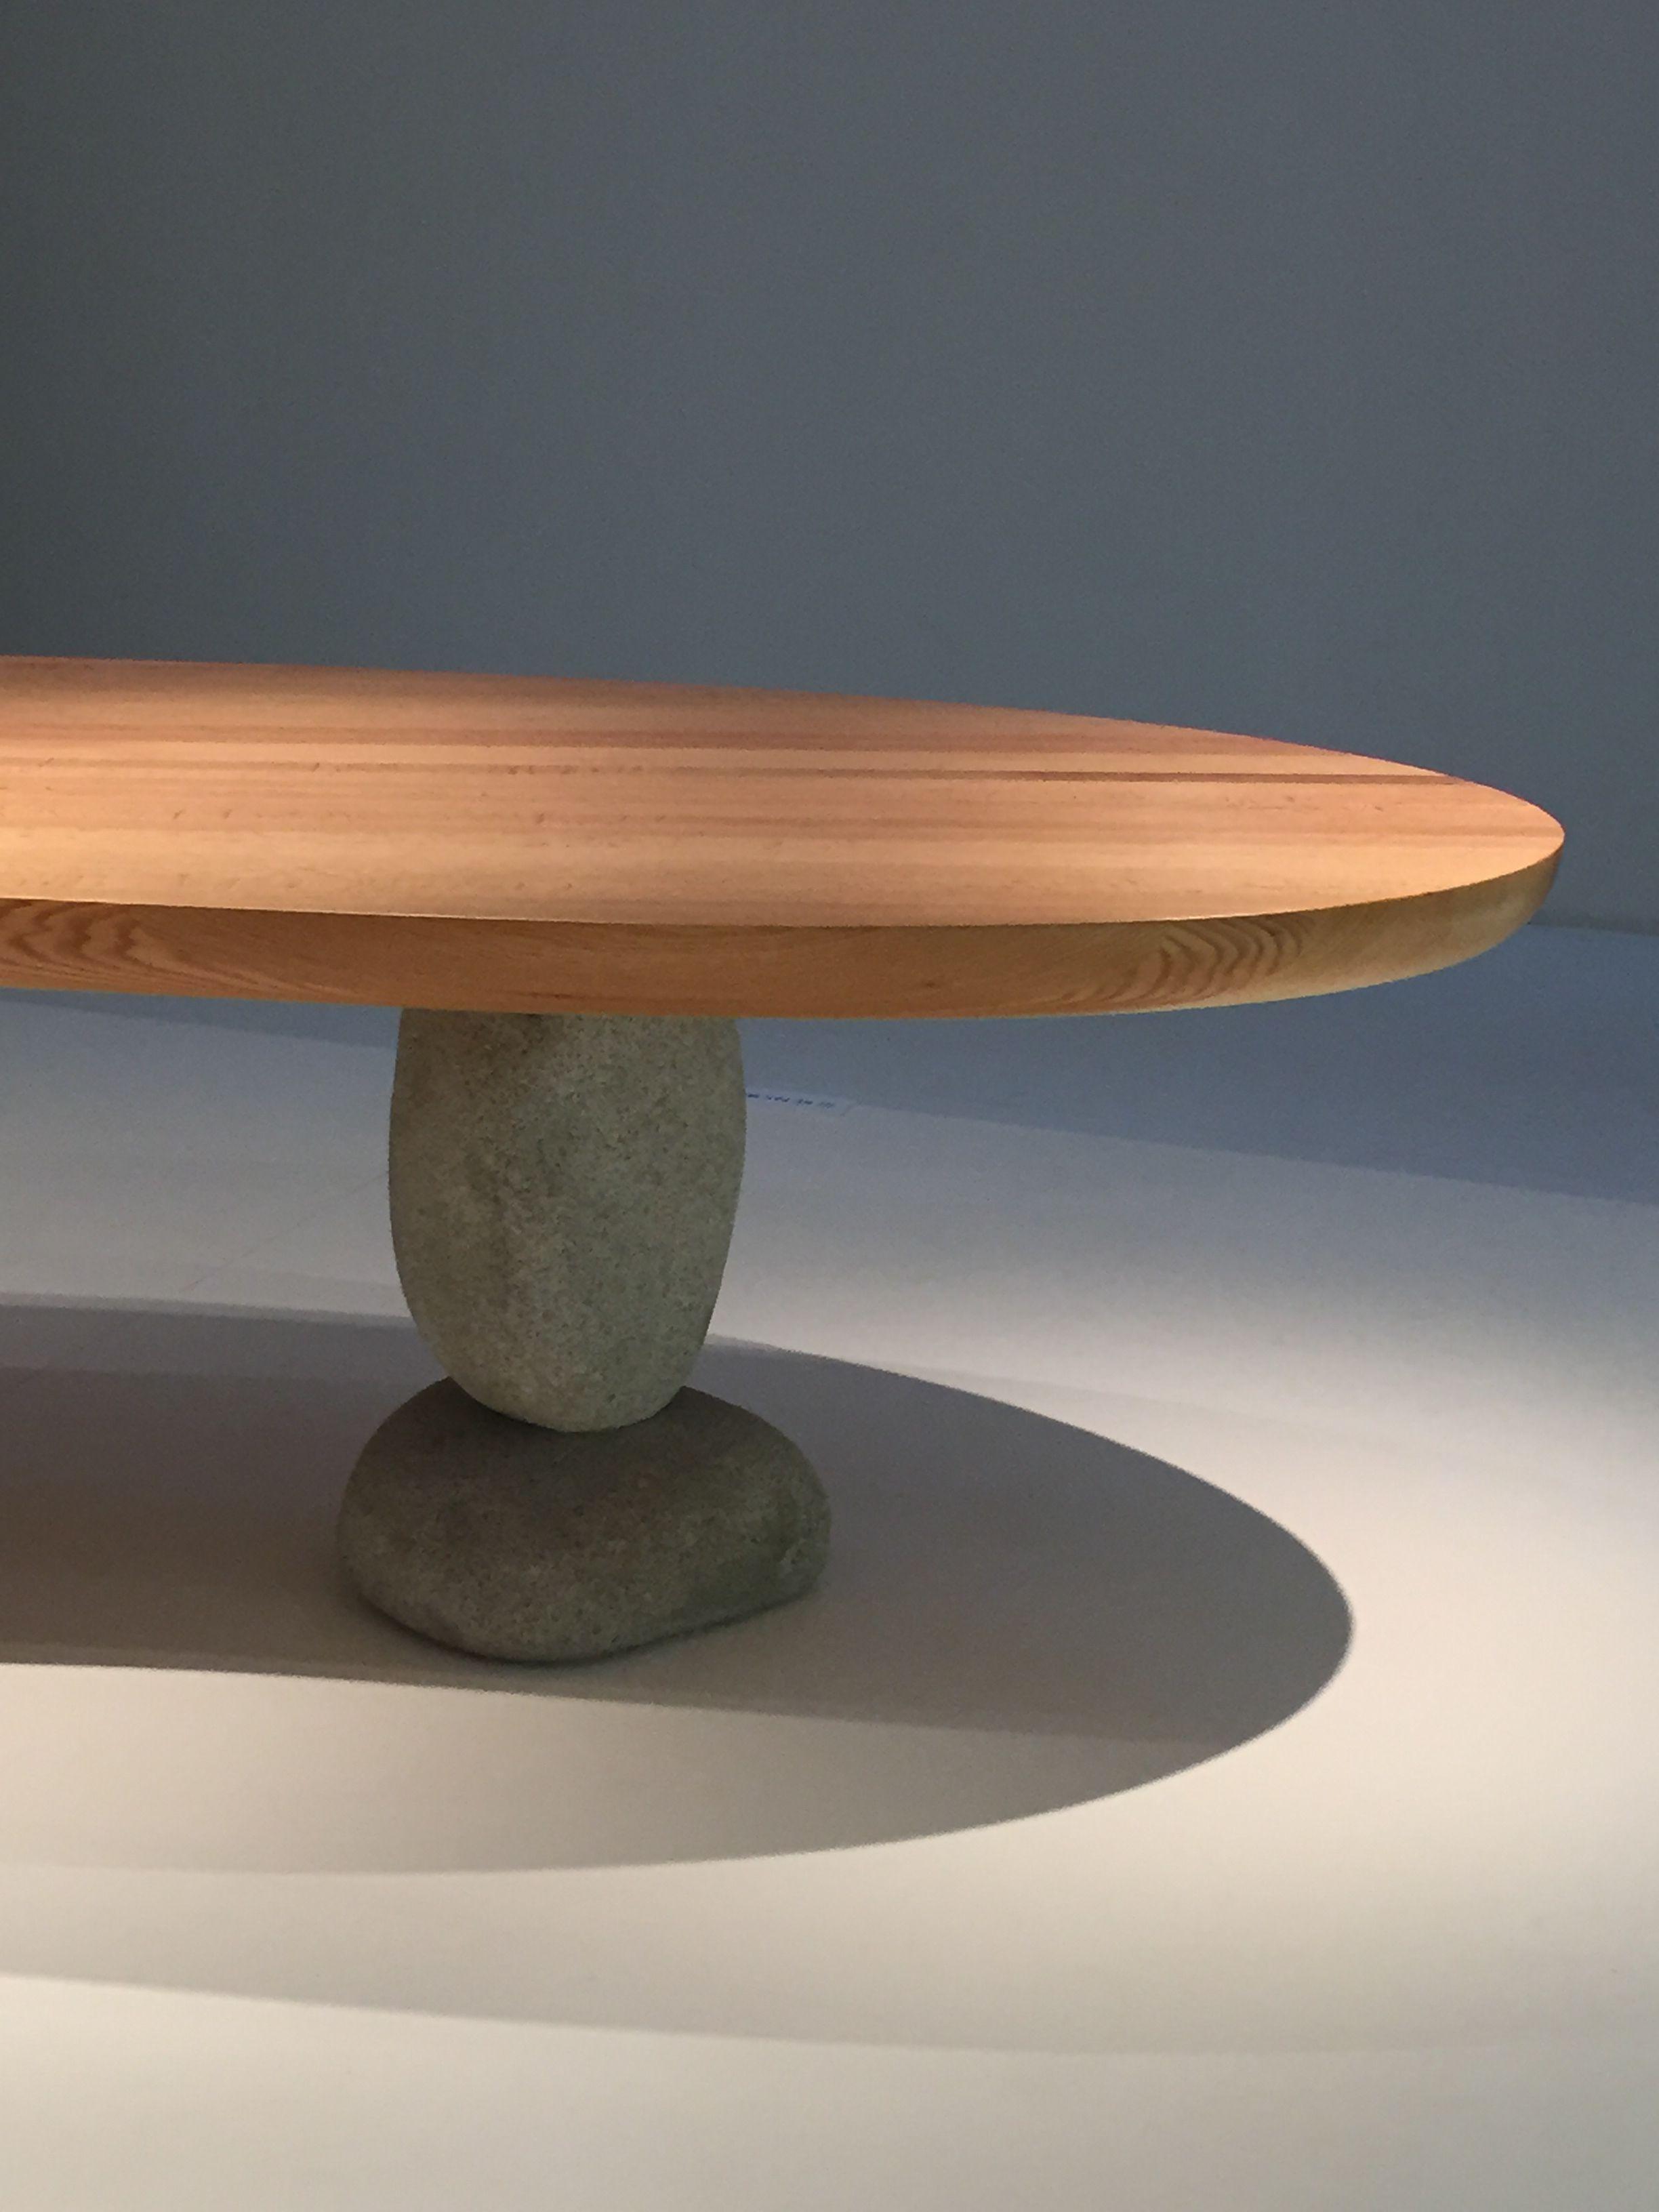 Choi Byung hoon table 2008, chêne rouge et pierre, collection de l'artiste /Korea Now ! Craft, design, mode et graphisme en Corée - du 19 septembre 2015 au 3 janvier 2016